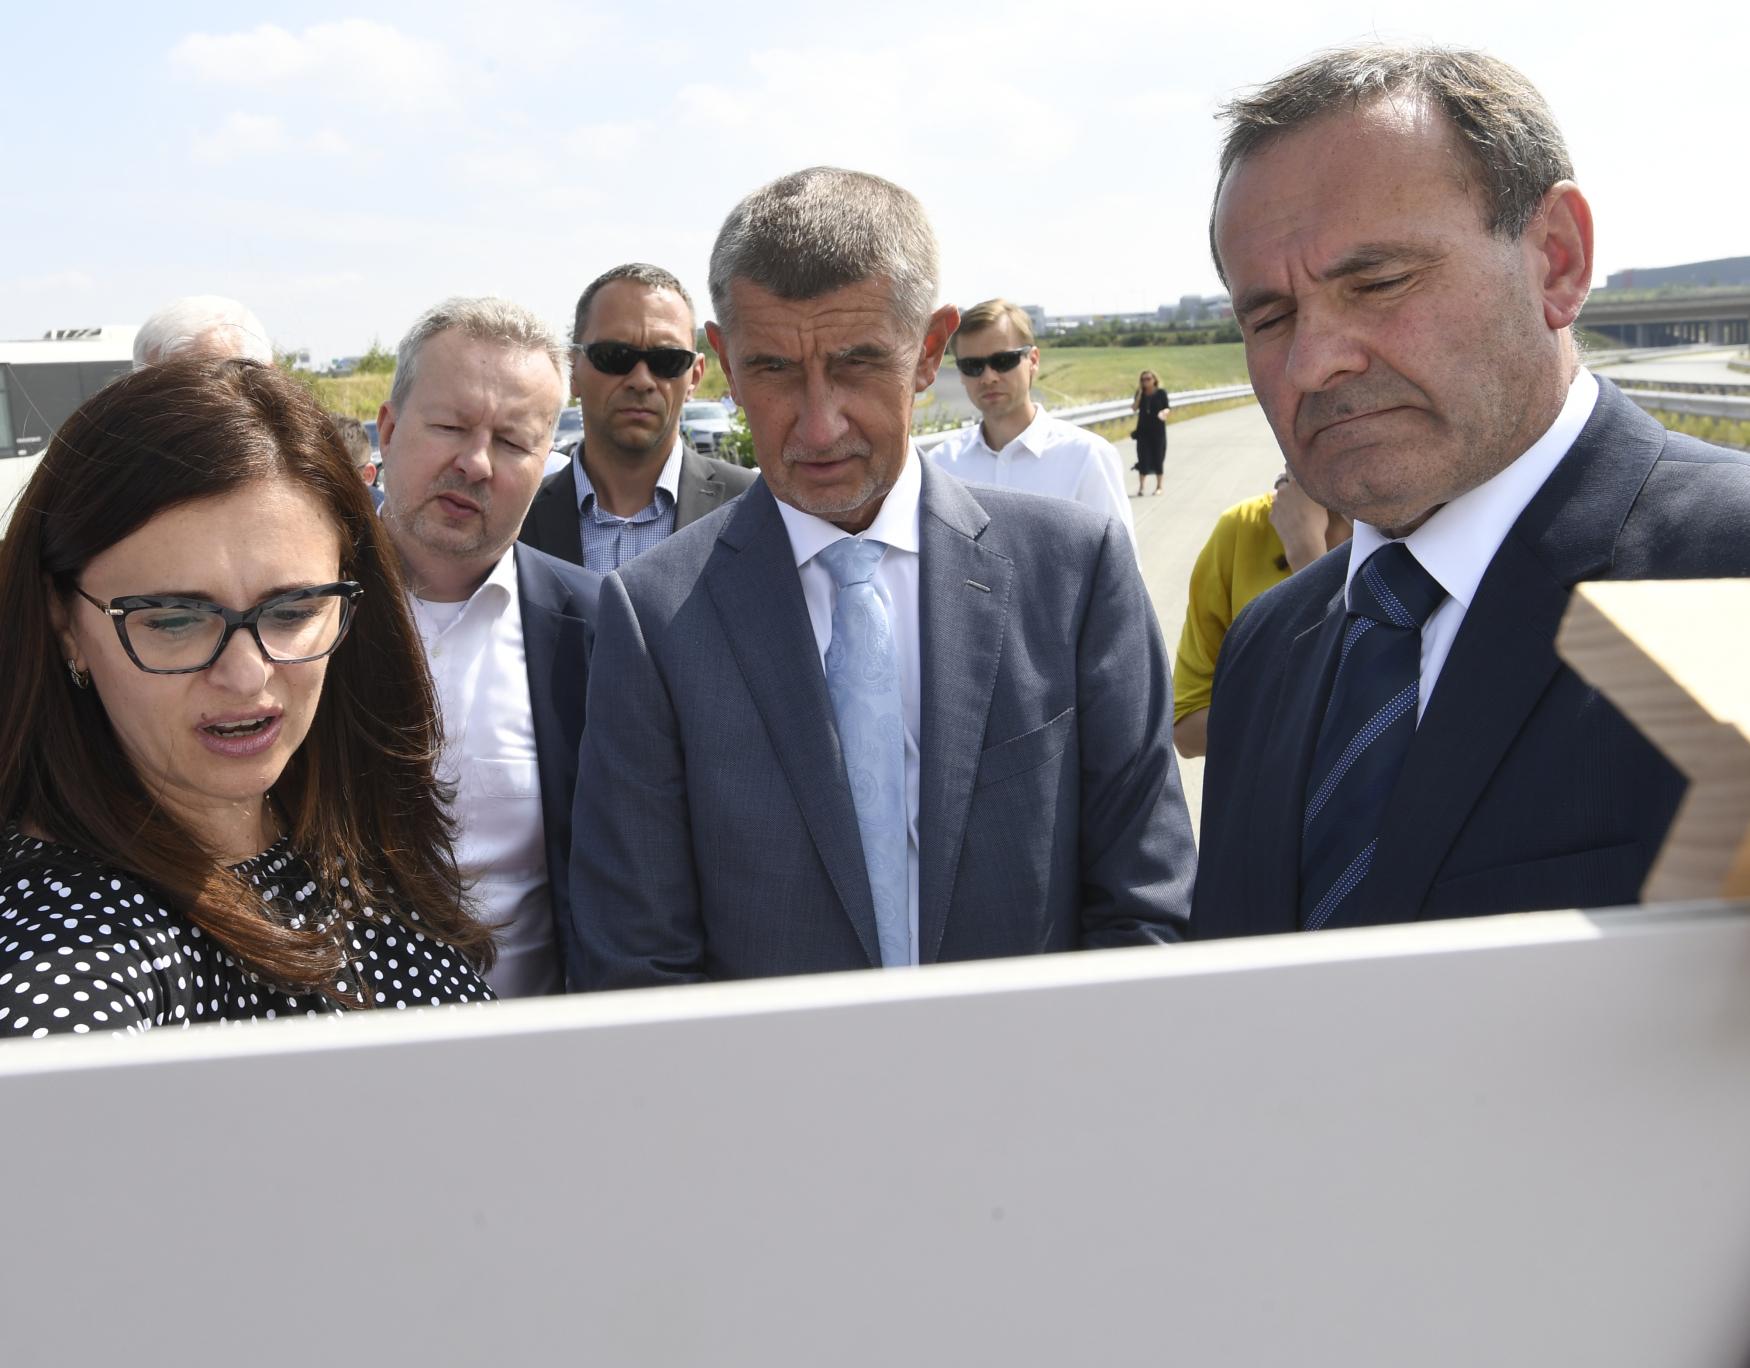 Výstavba středočeského úseku dálnice D3 na jih Čech by měla podle Babiše začít v roce 2024.